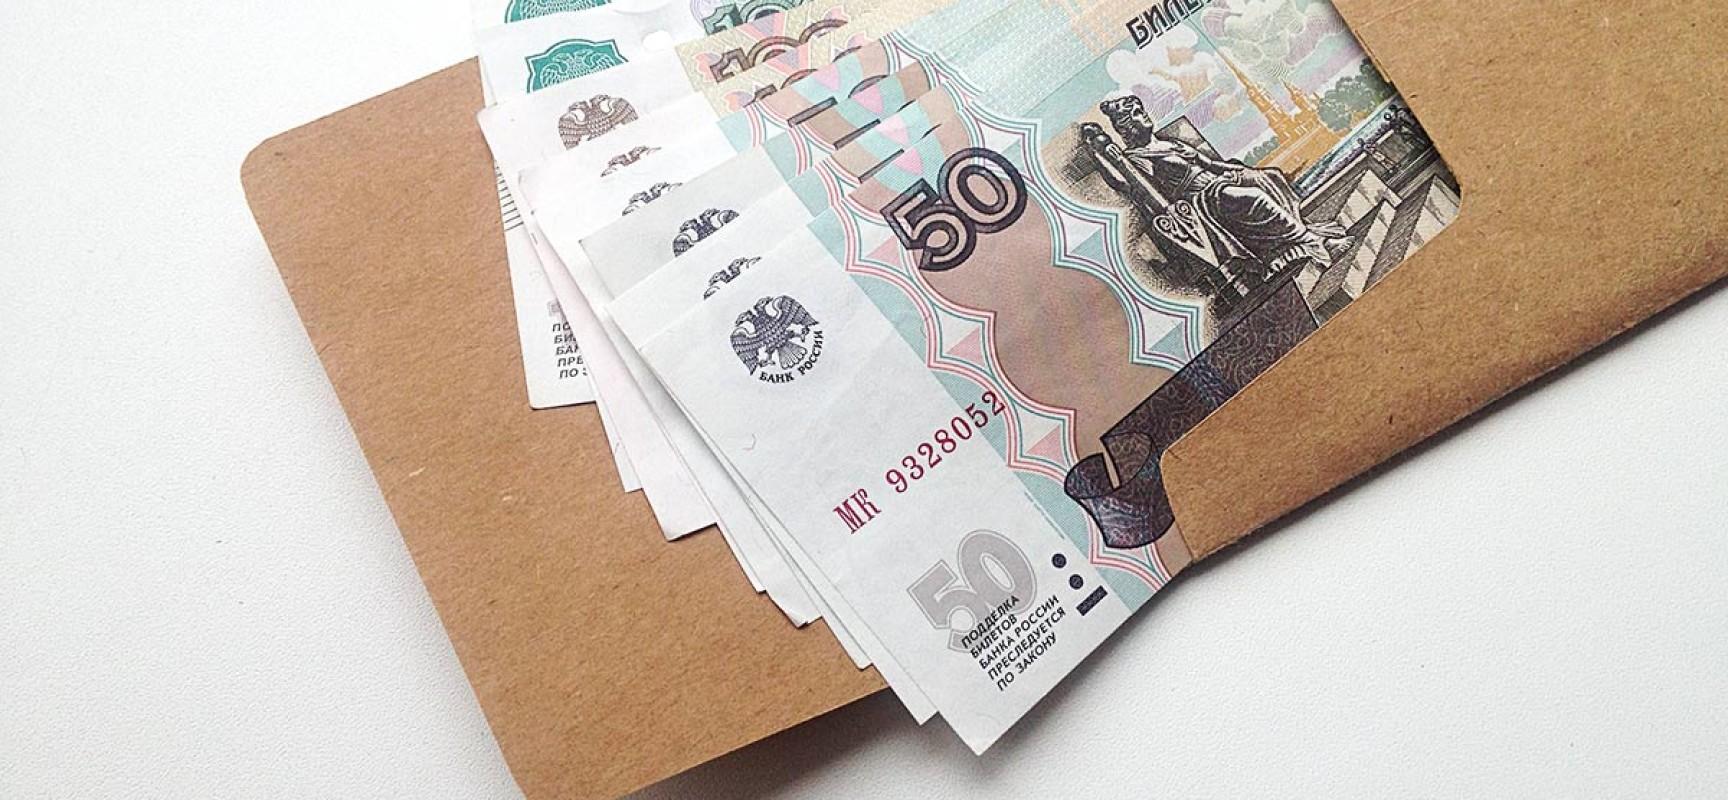 Как в условиях заключаемого трудового договора отметить сдельную оплату труда?